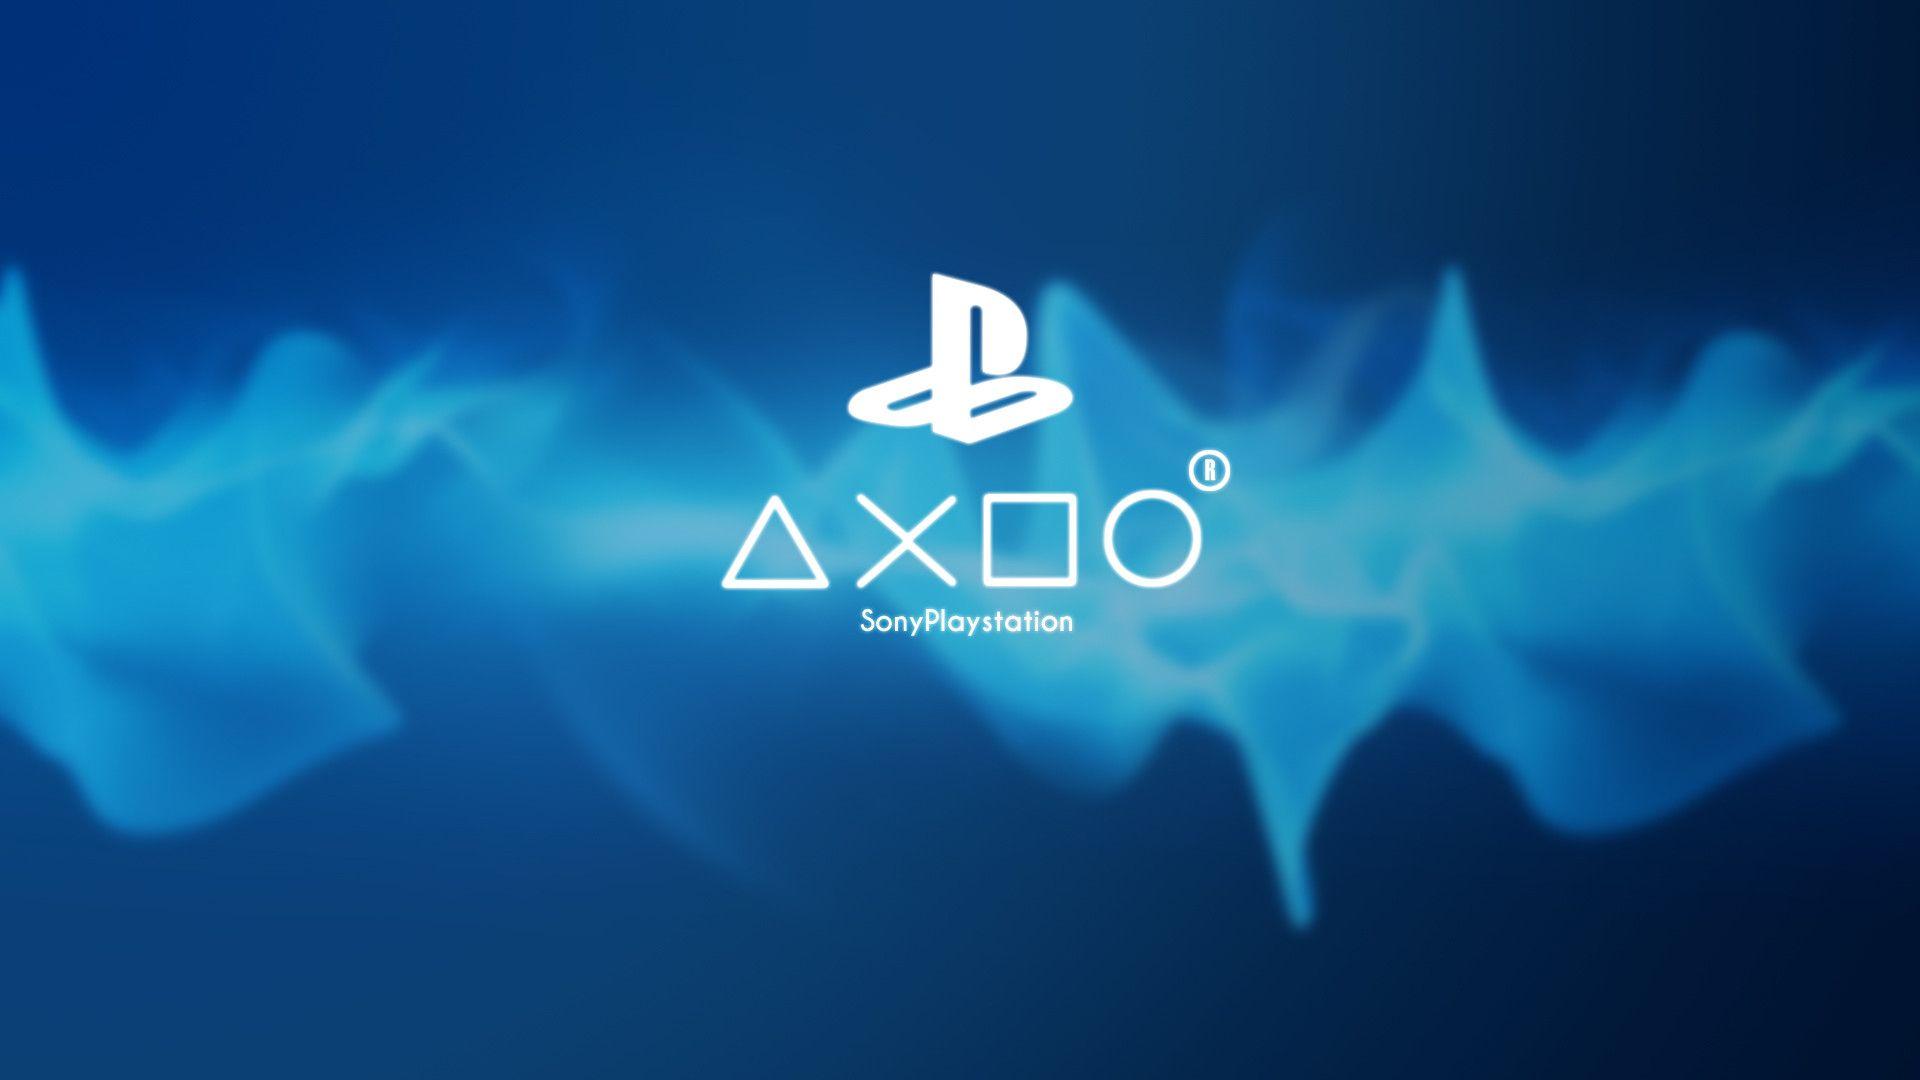 Sony PSN Videogamer